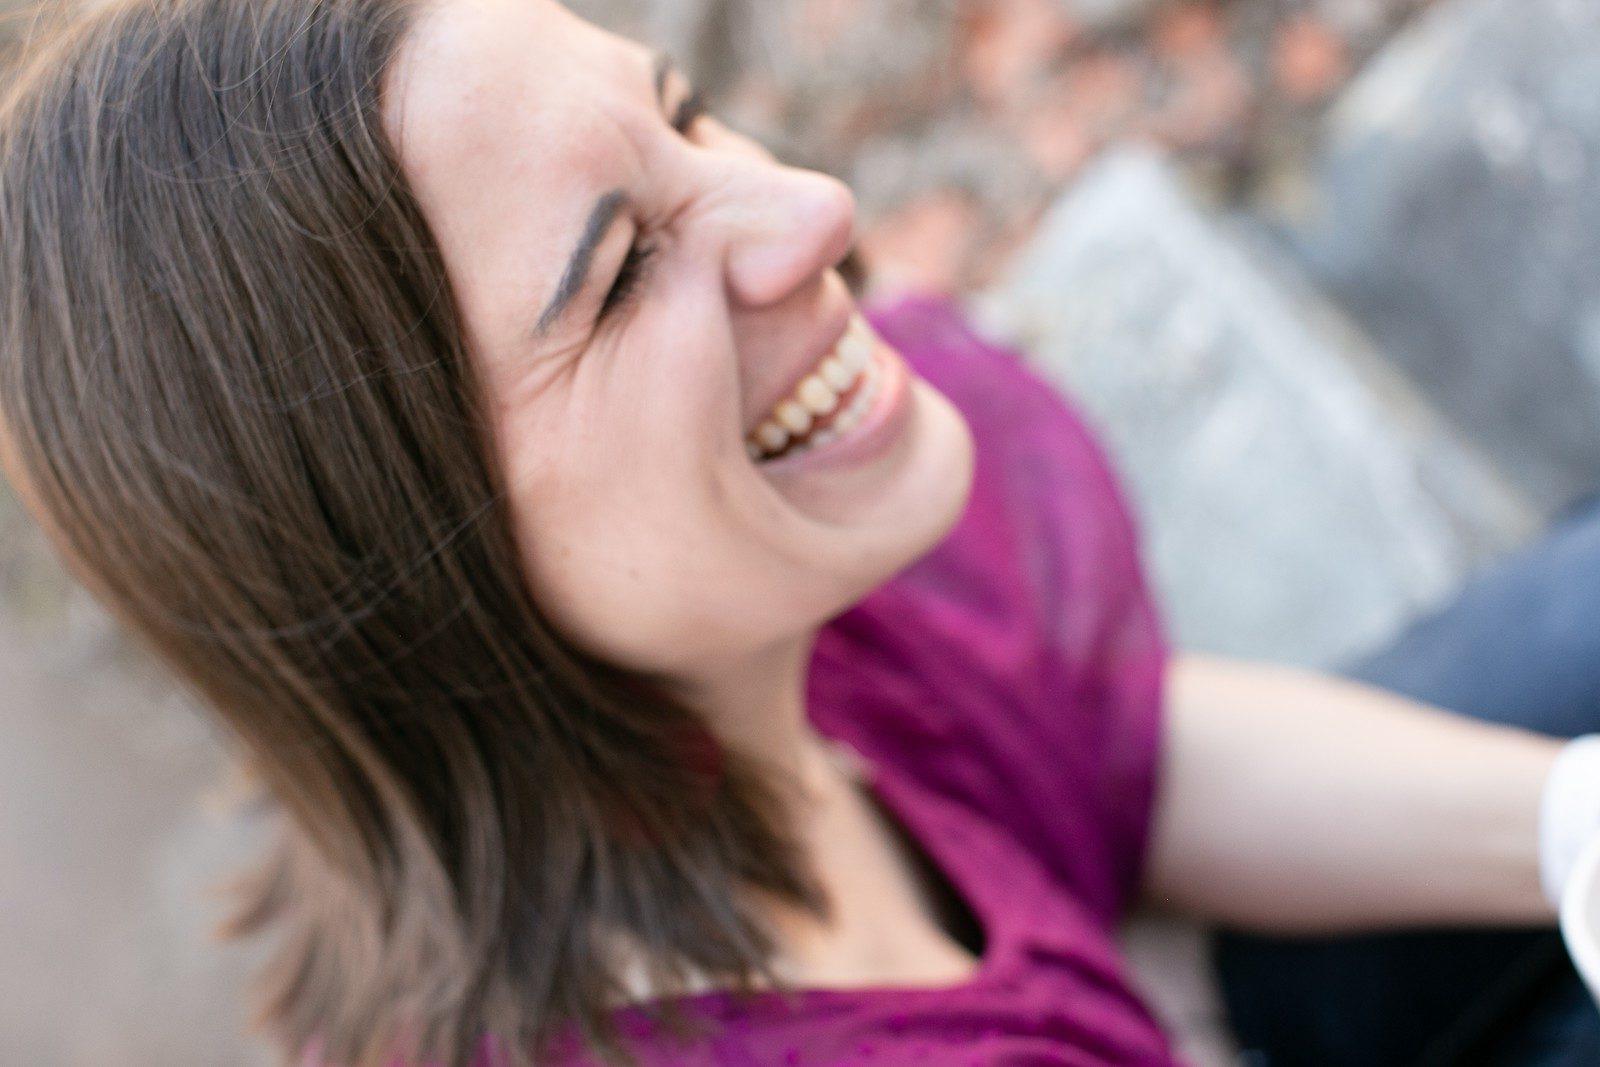 Kristin Longacre